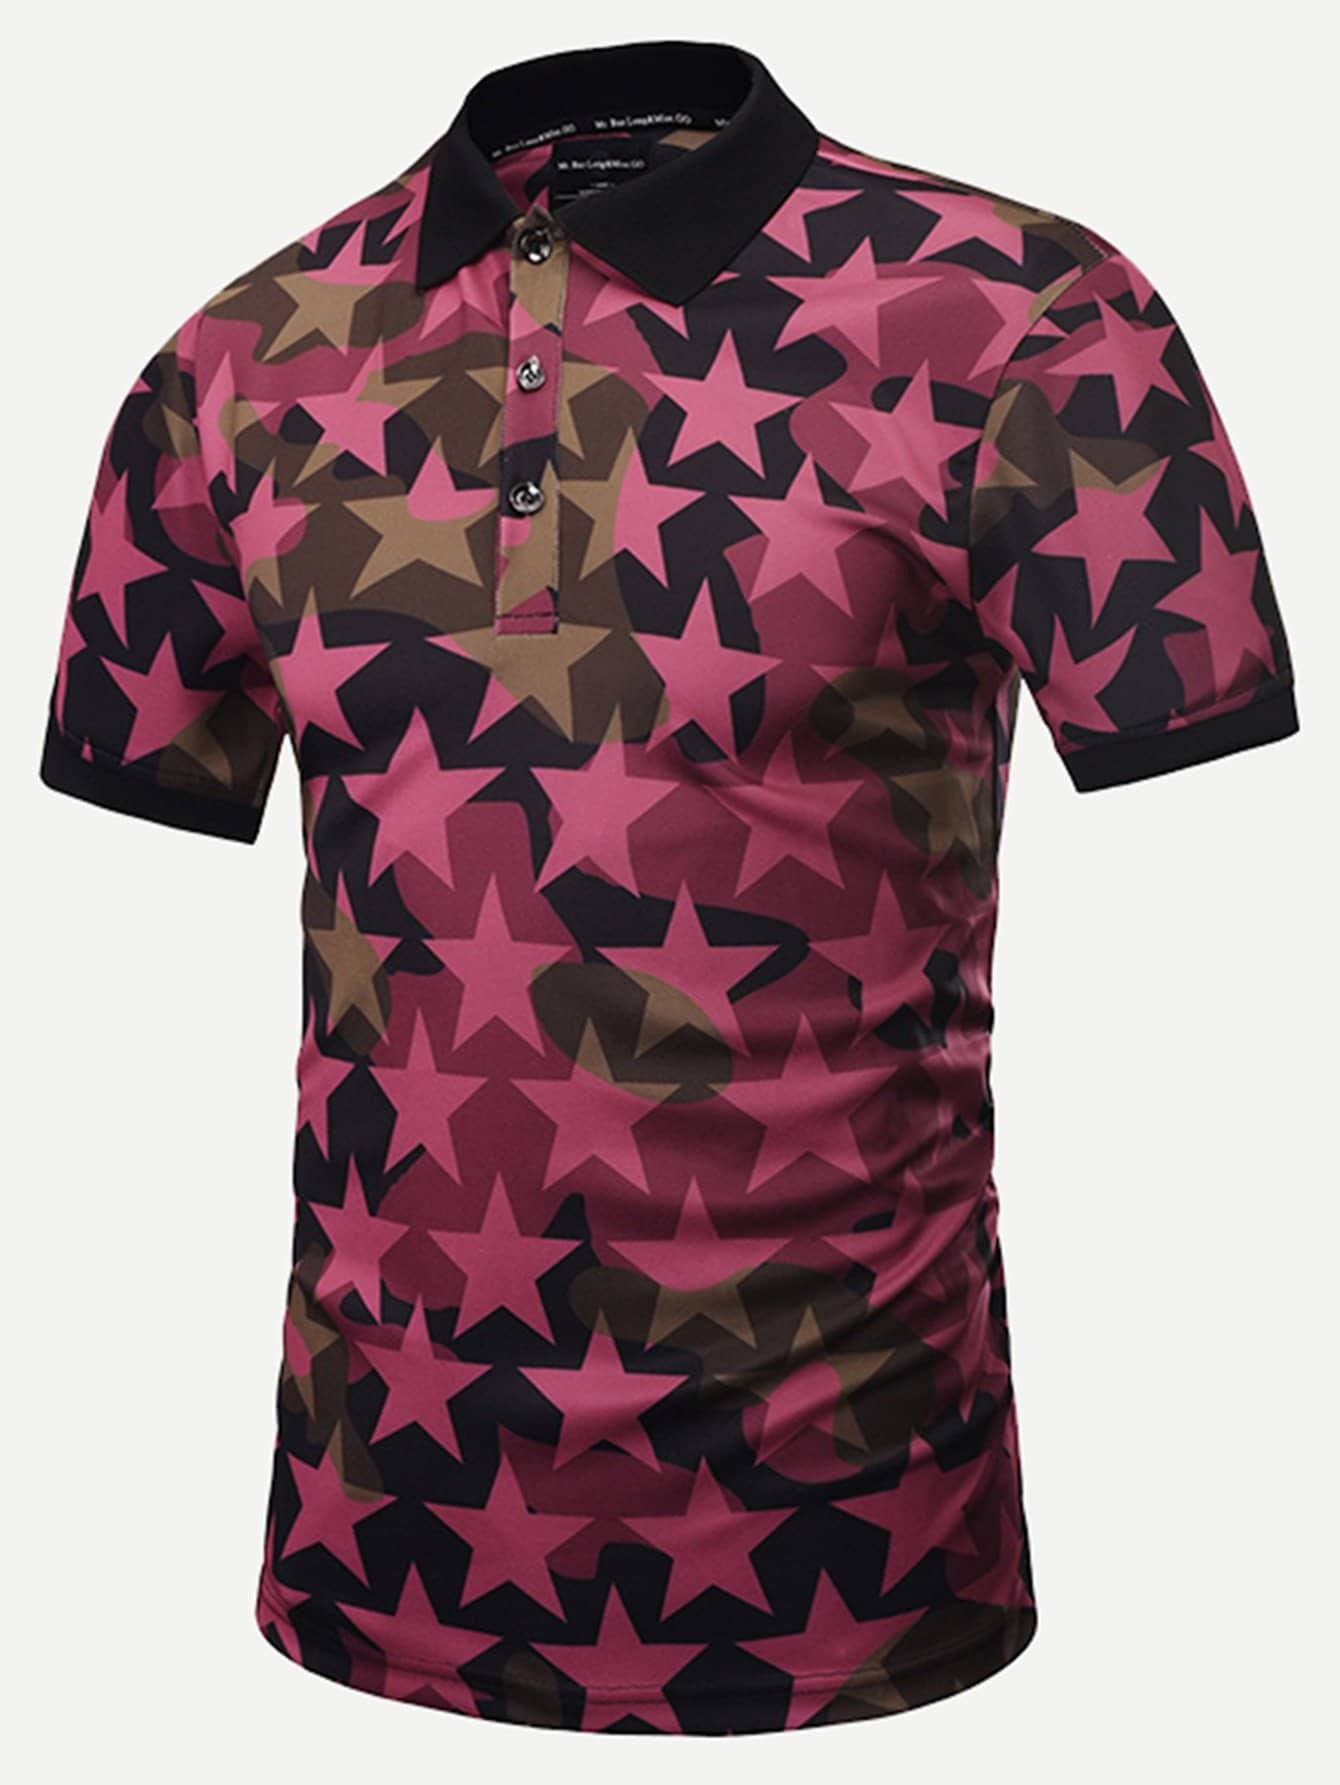 Купить Рубашка поло с принтом звезды для мужчин, null, SheIn